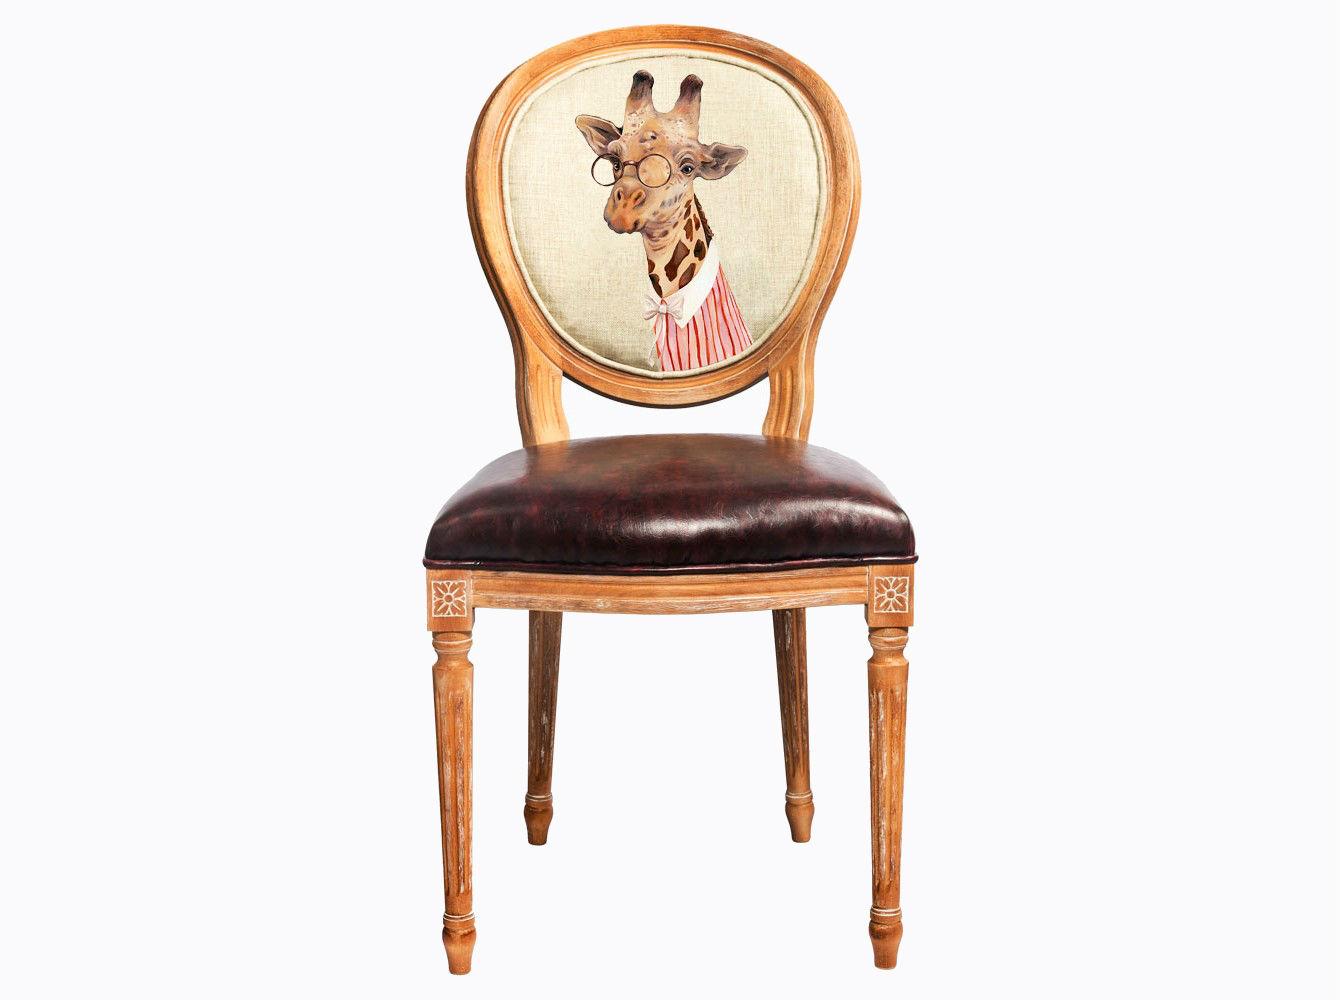 Стул «Мисс Сафари»Обеденные стулья<br>Погружаясь в увлекательный сценарий интерьерного театра, не забывайте о практичности и долговечности Вашей мебели. Корпус стула «Мисс Сафари» изготовлен из натурального бука, древесина которого отличается крепостью и твёрдостью. Обивка спинки оснащена тефлоновым покрытием против пятен. Сиденье, укрепленное подвеской из эластичных ремней, обладает прочностью и истинным комфортом. Стул &amp;quot;Мисс Сафари&amp;quot; - универсальное, но отборное решение гостиной, столовой, спальни, кабинета, холла и детской комнаты.<br>Корпус стула изготовлен из натурального бука. Среди европейских пород бук считается самым прочным и долговечным материалом. В дизайне этого стула резьба играет ведущую роль: стул обильно украшен изящным цветочным узором, желобками и кольцами, выточенными с ювелирной меткостью.<br>Дизайн стула создан эффектом экстравагантных контрастных сочетаний. Блестящее шоколадное сиденье объединилось со светло-бежевой льняной спинкой, а королевский силуэт эпохи Луи-Филиппа - с рисунком в жанре современного фэнтези.<br>Приобретая такую модель, можно быть уверенными в её эклектичном единстве с роскошным &amp;quot;ренессансом&amp;quot; и изнеженным &amp;quot;ампиром&amp;quot;, аскетичным &amp;quot;модерном&amp;quot; и салонным &amp;quot;ар-деко&amp;quot;.&amp;amp;nbsp;&amp;lt;div&amp;gt;&amp;lt;br&amp;gt;&amp;lt;/div&amp;gt;&amp;lt;div&amp;gt;&amp;lt;span style=&amp;quot;line-height: 24.9999px;&amp;quot;&amp;gt;Материал обивки: экокожа.&amp;lt;/span&amp;gt;&amp;lt;br&amp;gt;&amp;lt;/div&amp;gt;<br><br>Material: Дерево<br>Width см: 47<br>Depth см: 50<br>Height см: 98